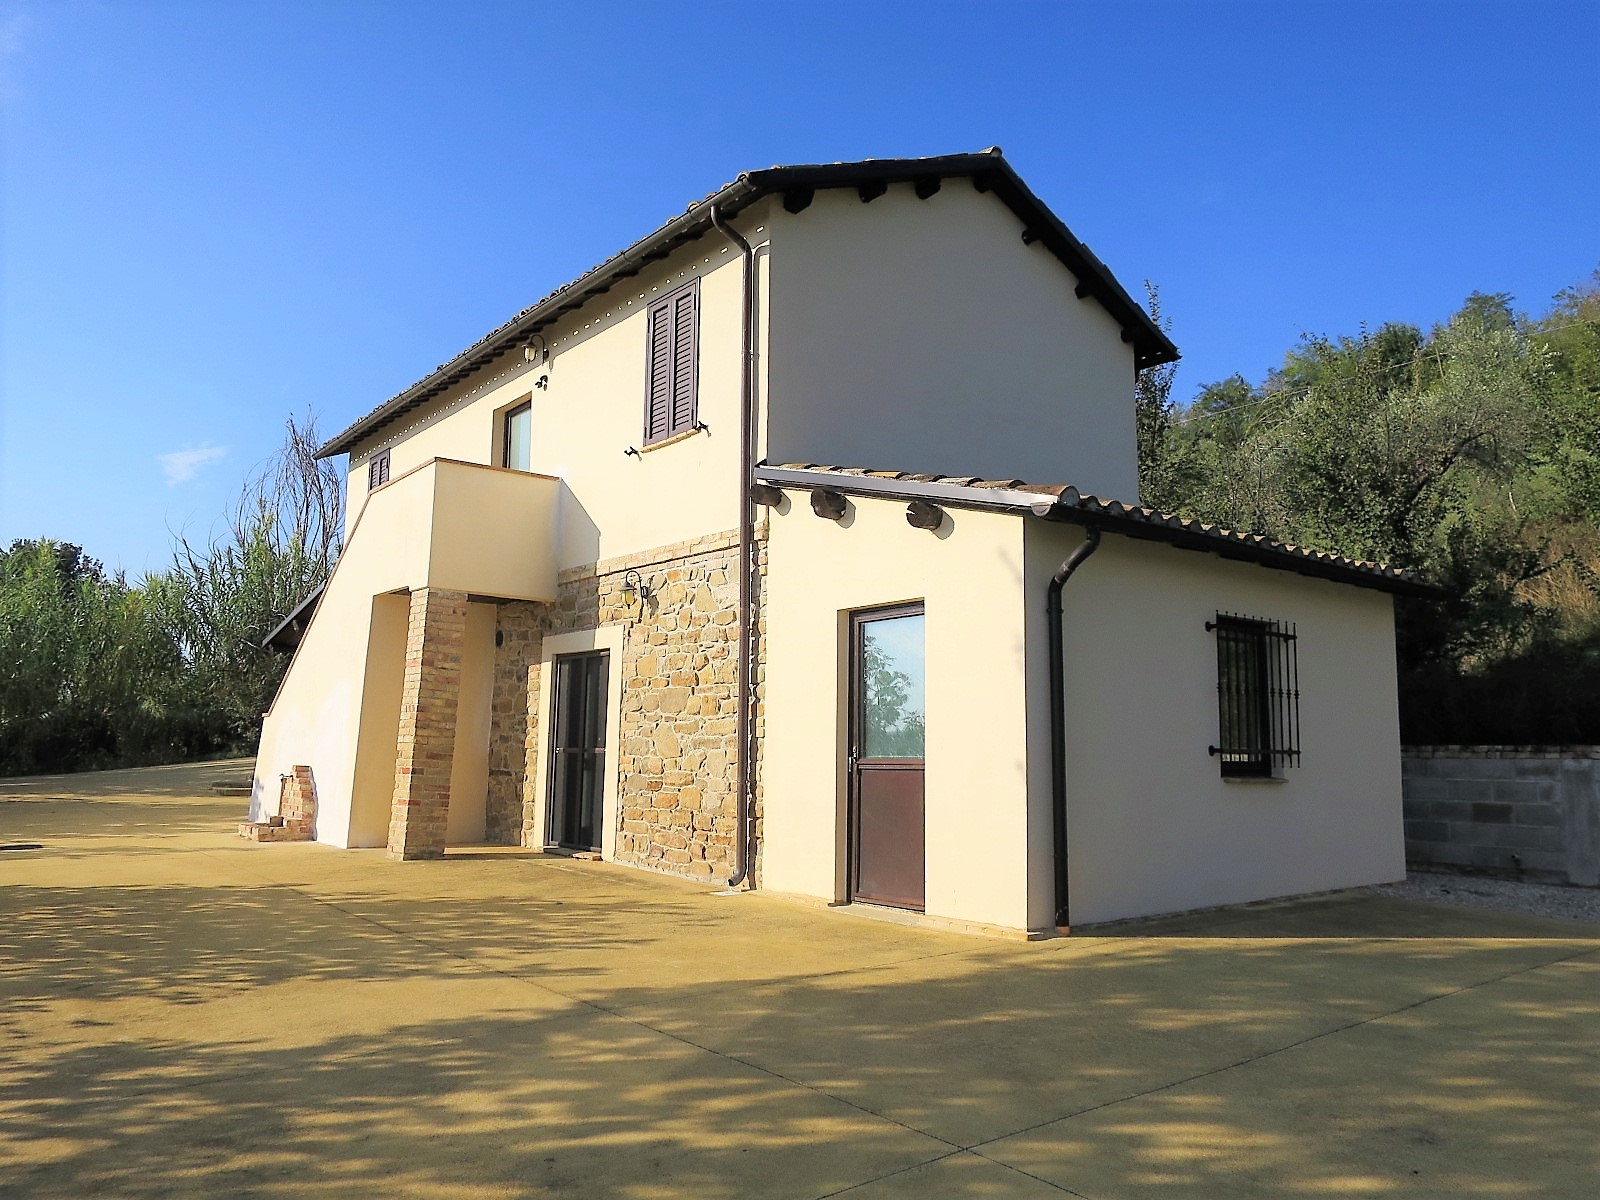 Casa di campagna Casa di campagna in vendita Montefino (TE), Casa Collina - Montefino - EUR 151.447 260